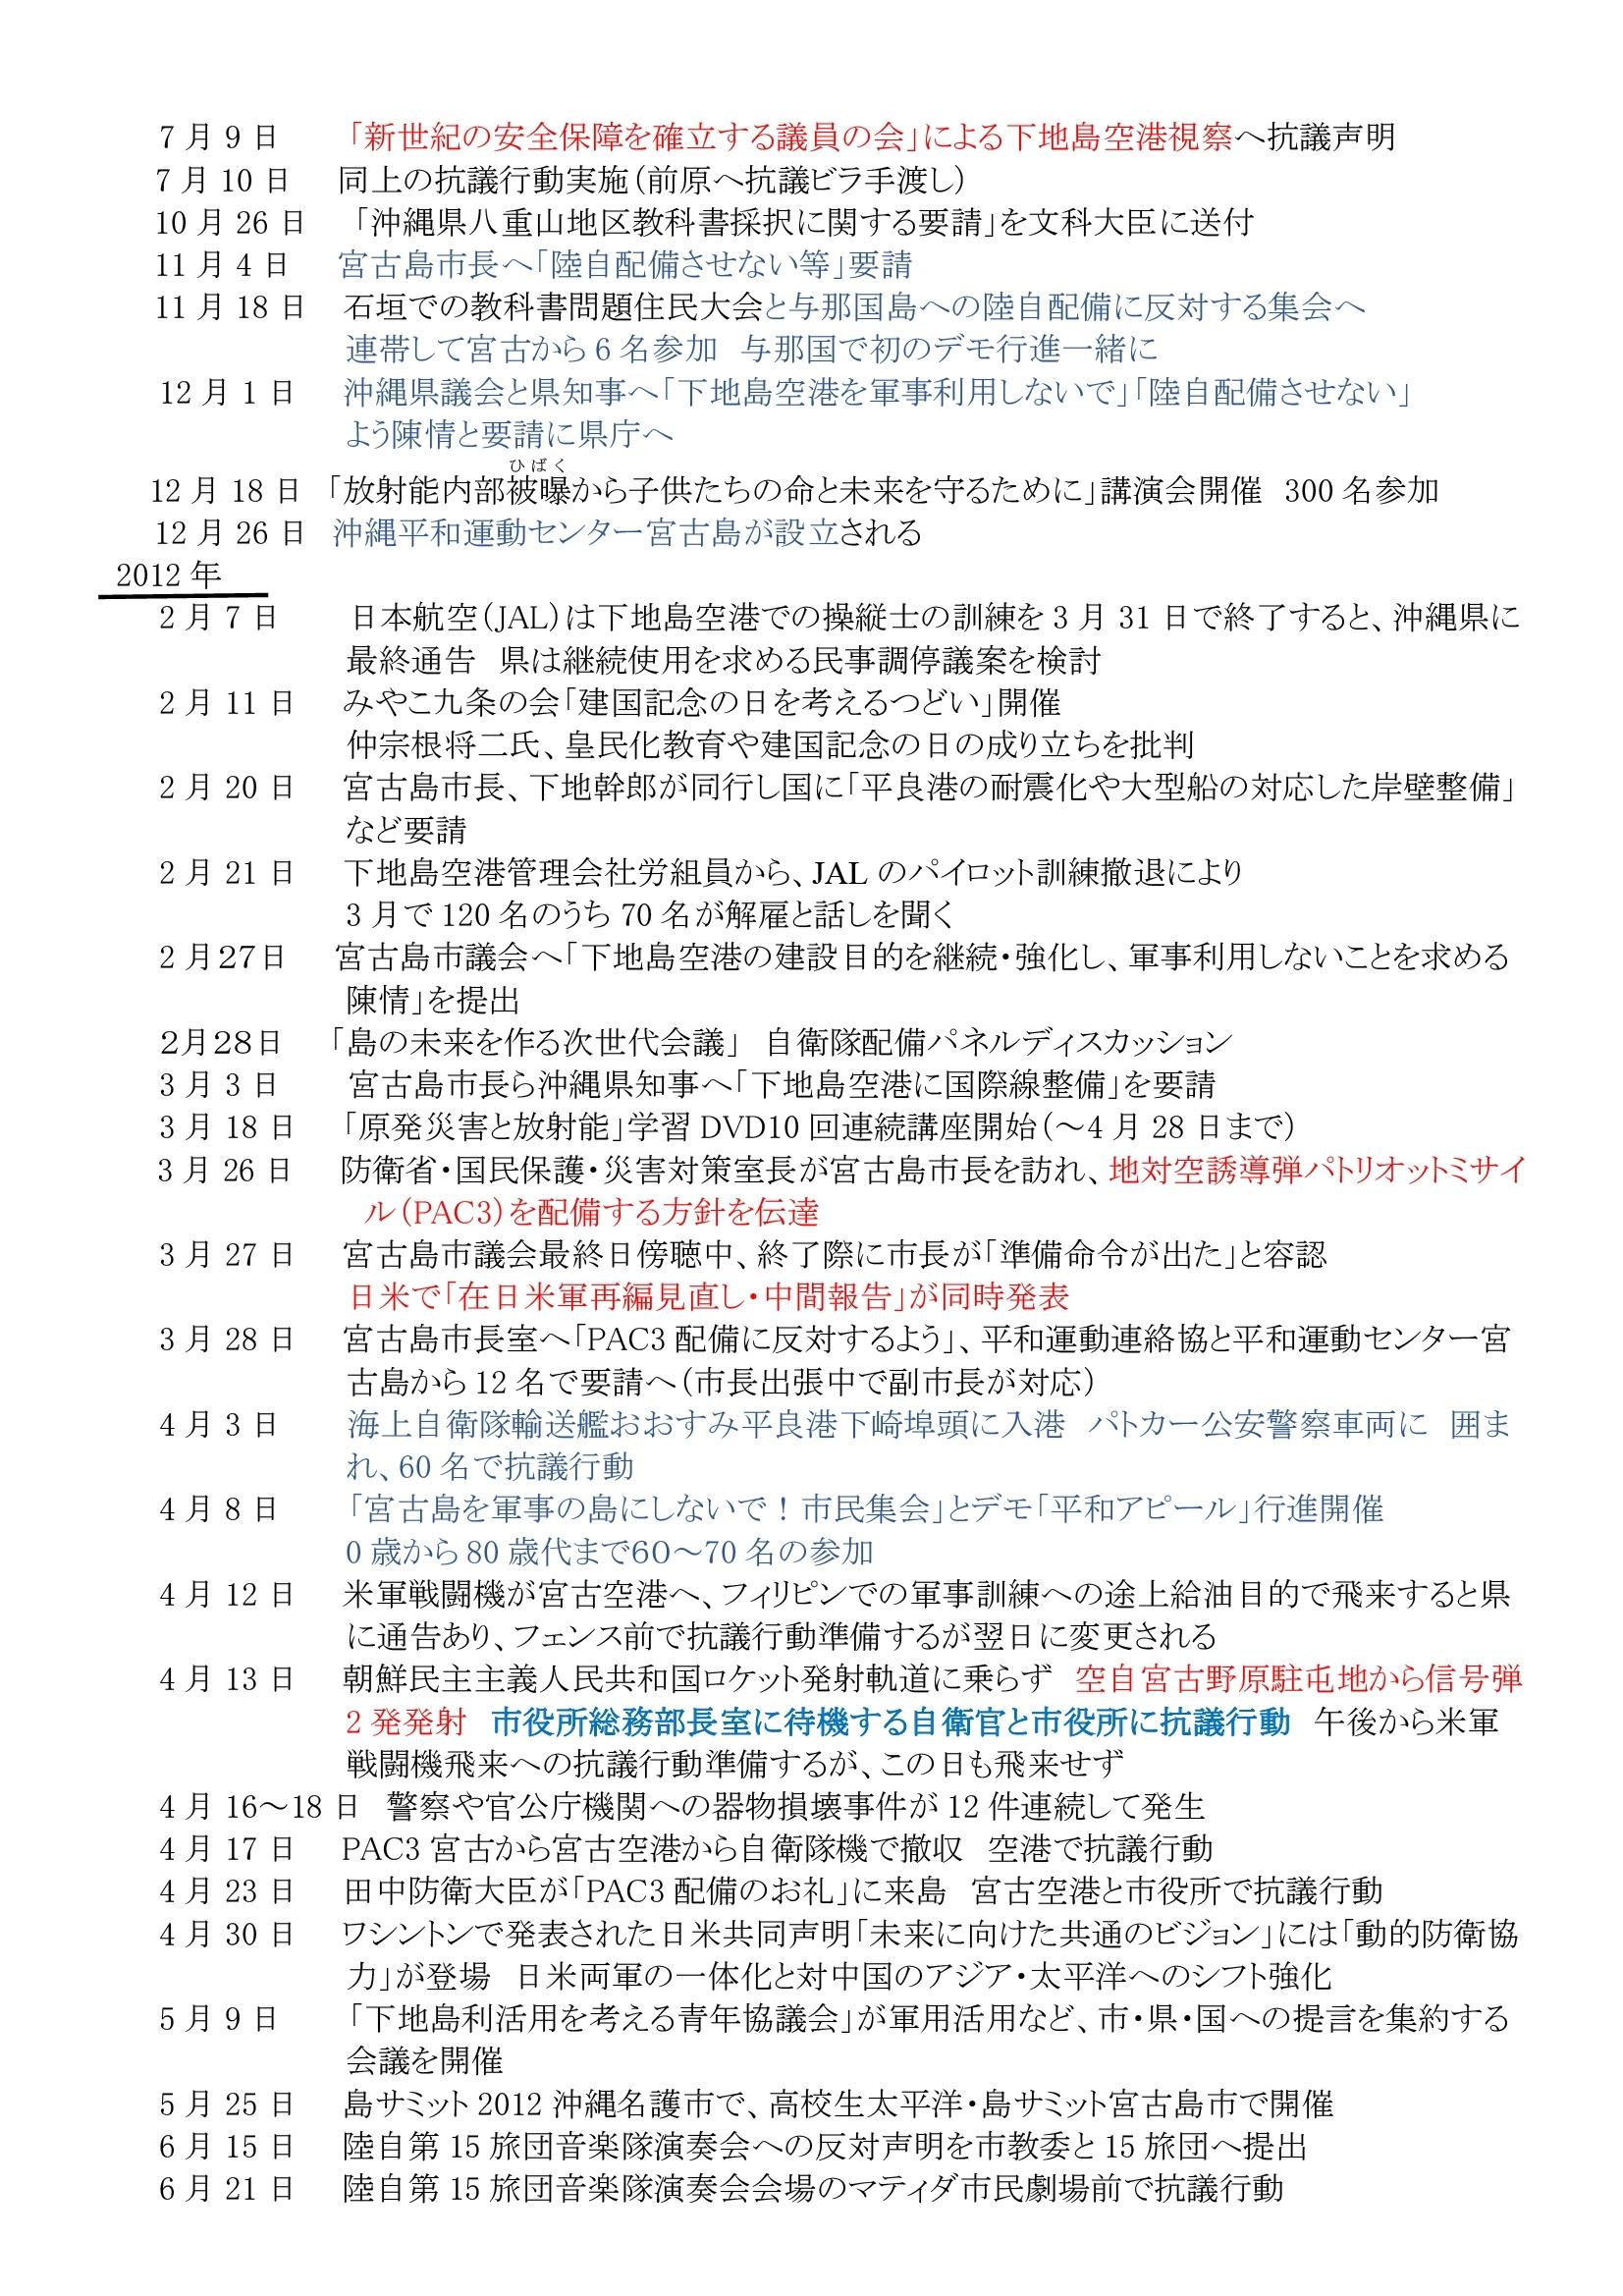 年表:宮古島における反軍反基地の闘い2010~2020 02